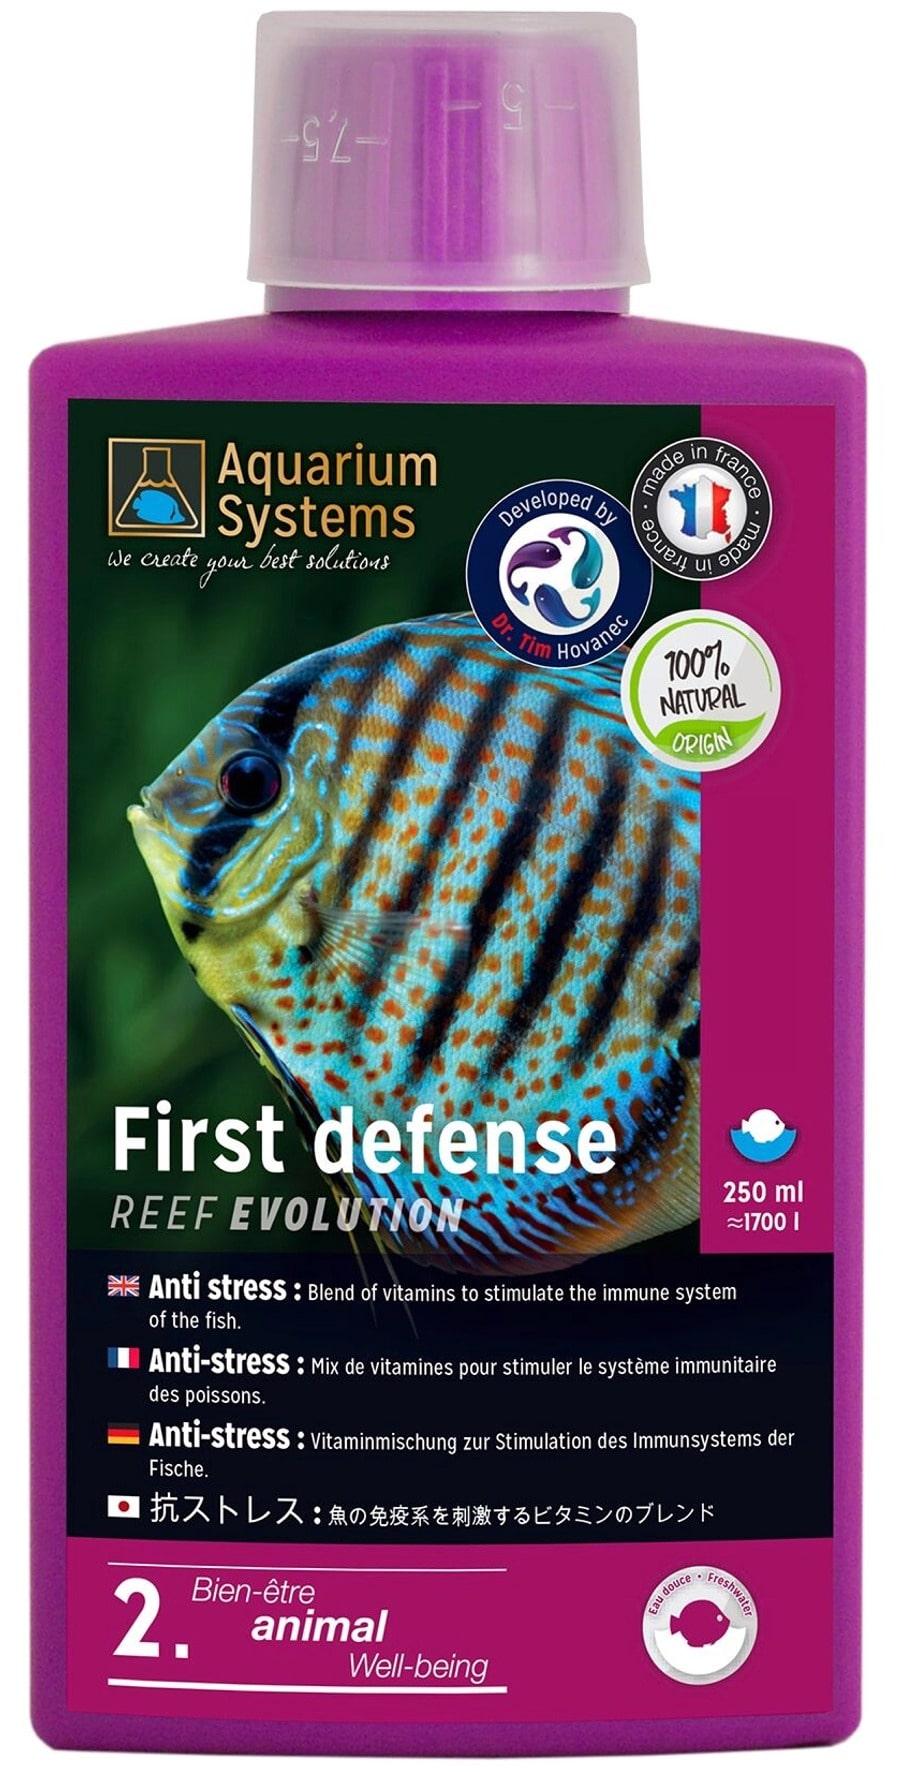 AQUARIUM SYSTEMS First Defense Eau Douce 250 ml anti-stress à base de vitamines stimulant le système immunitaire des poissons